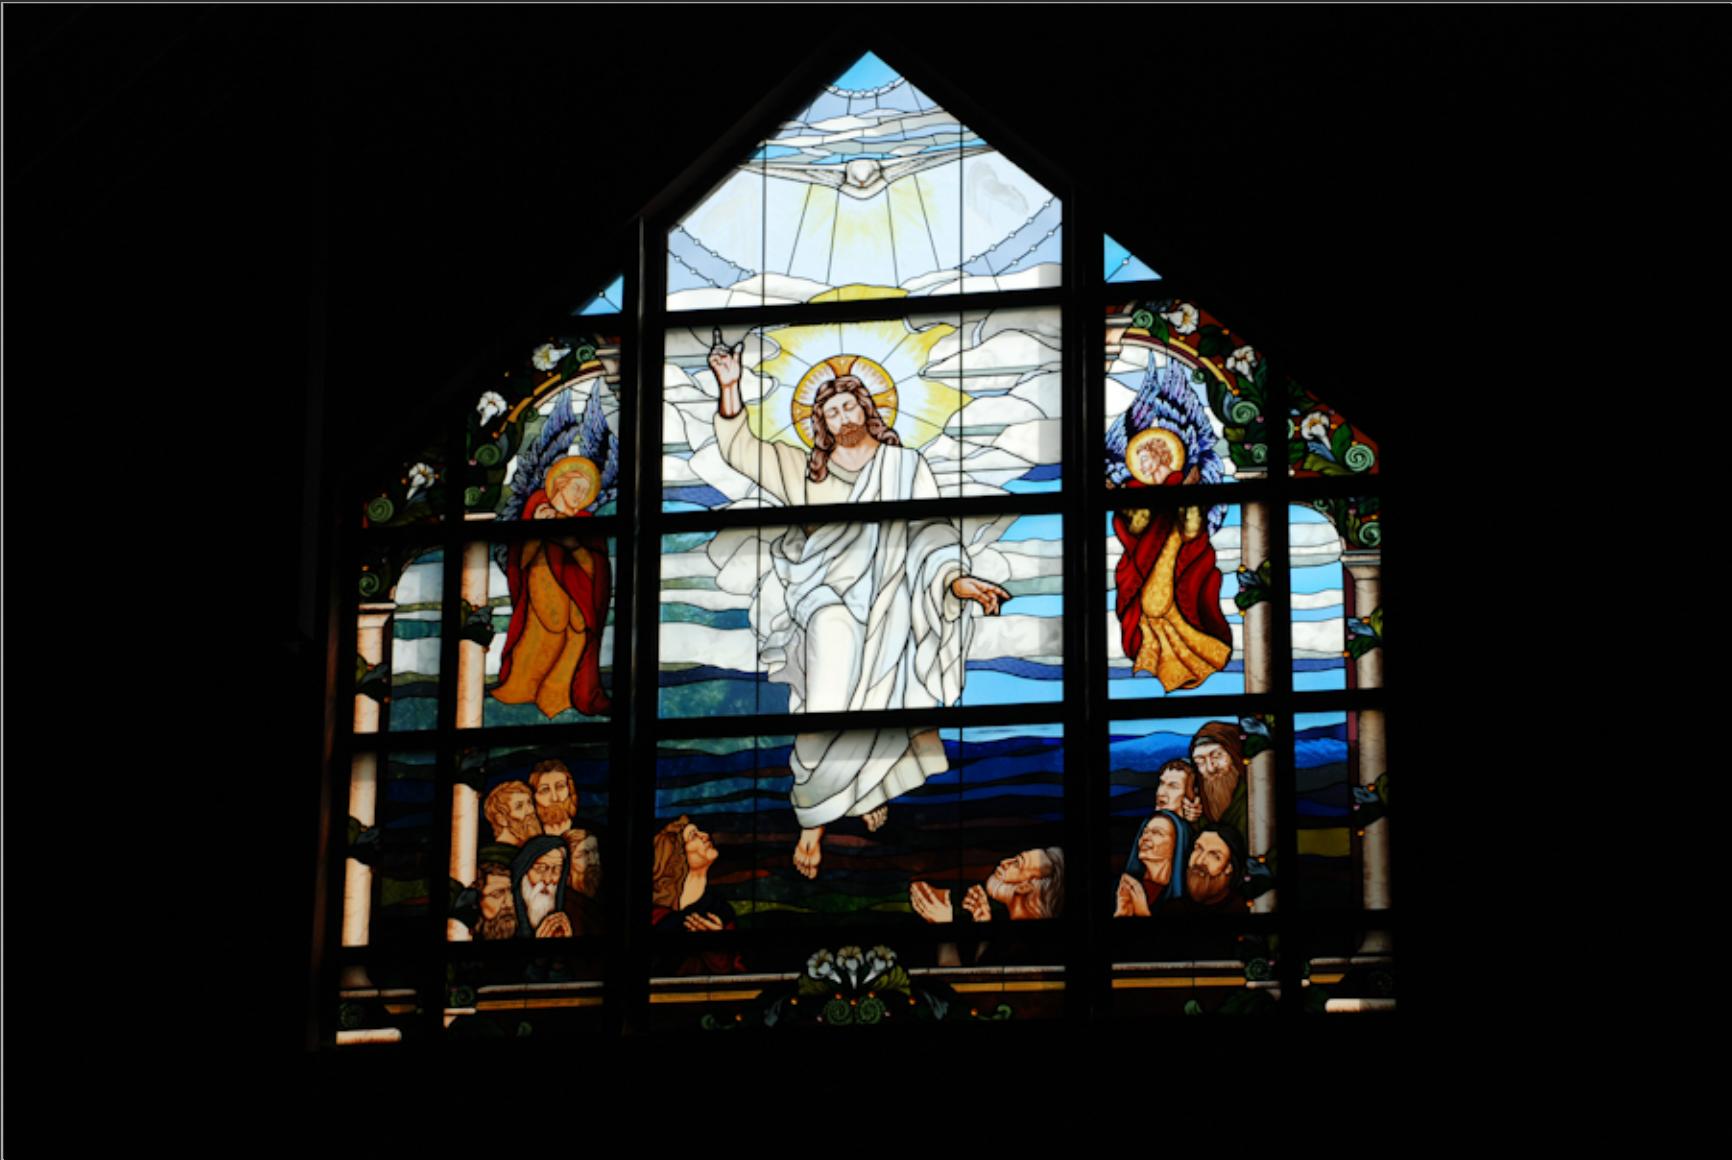 St. Paul United Methodist - Millard, NE